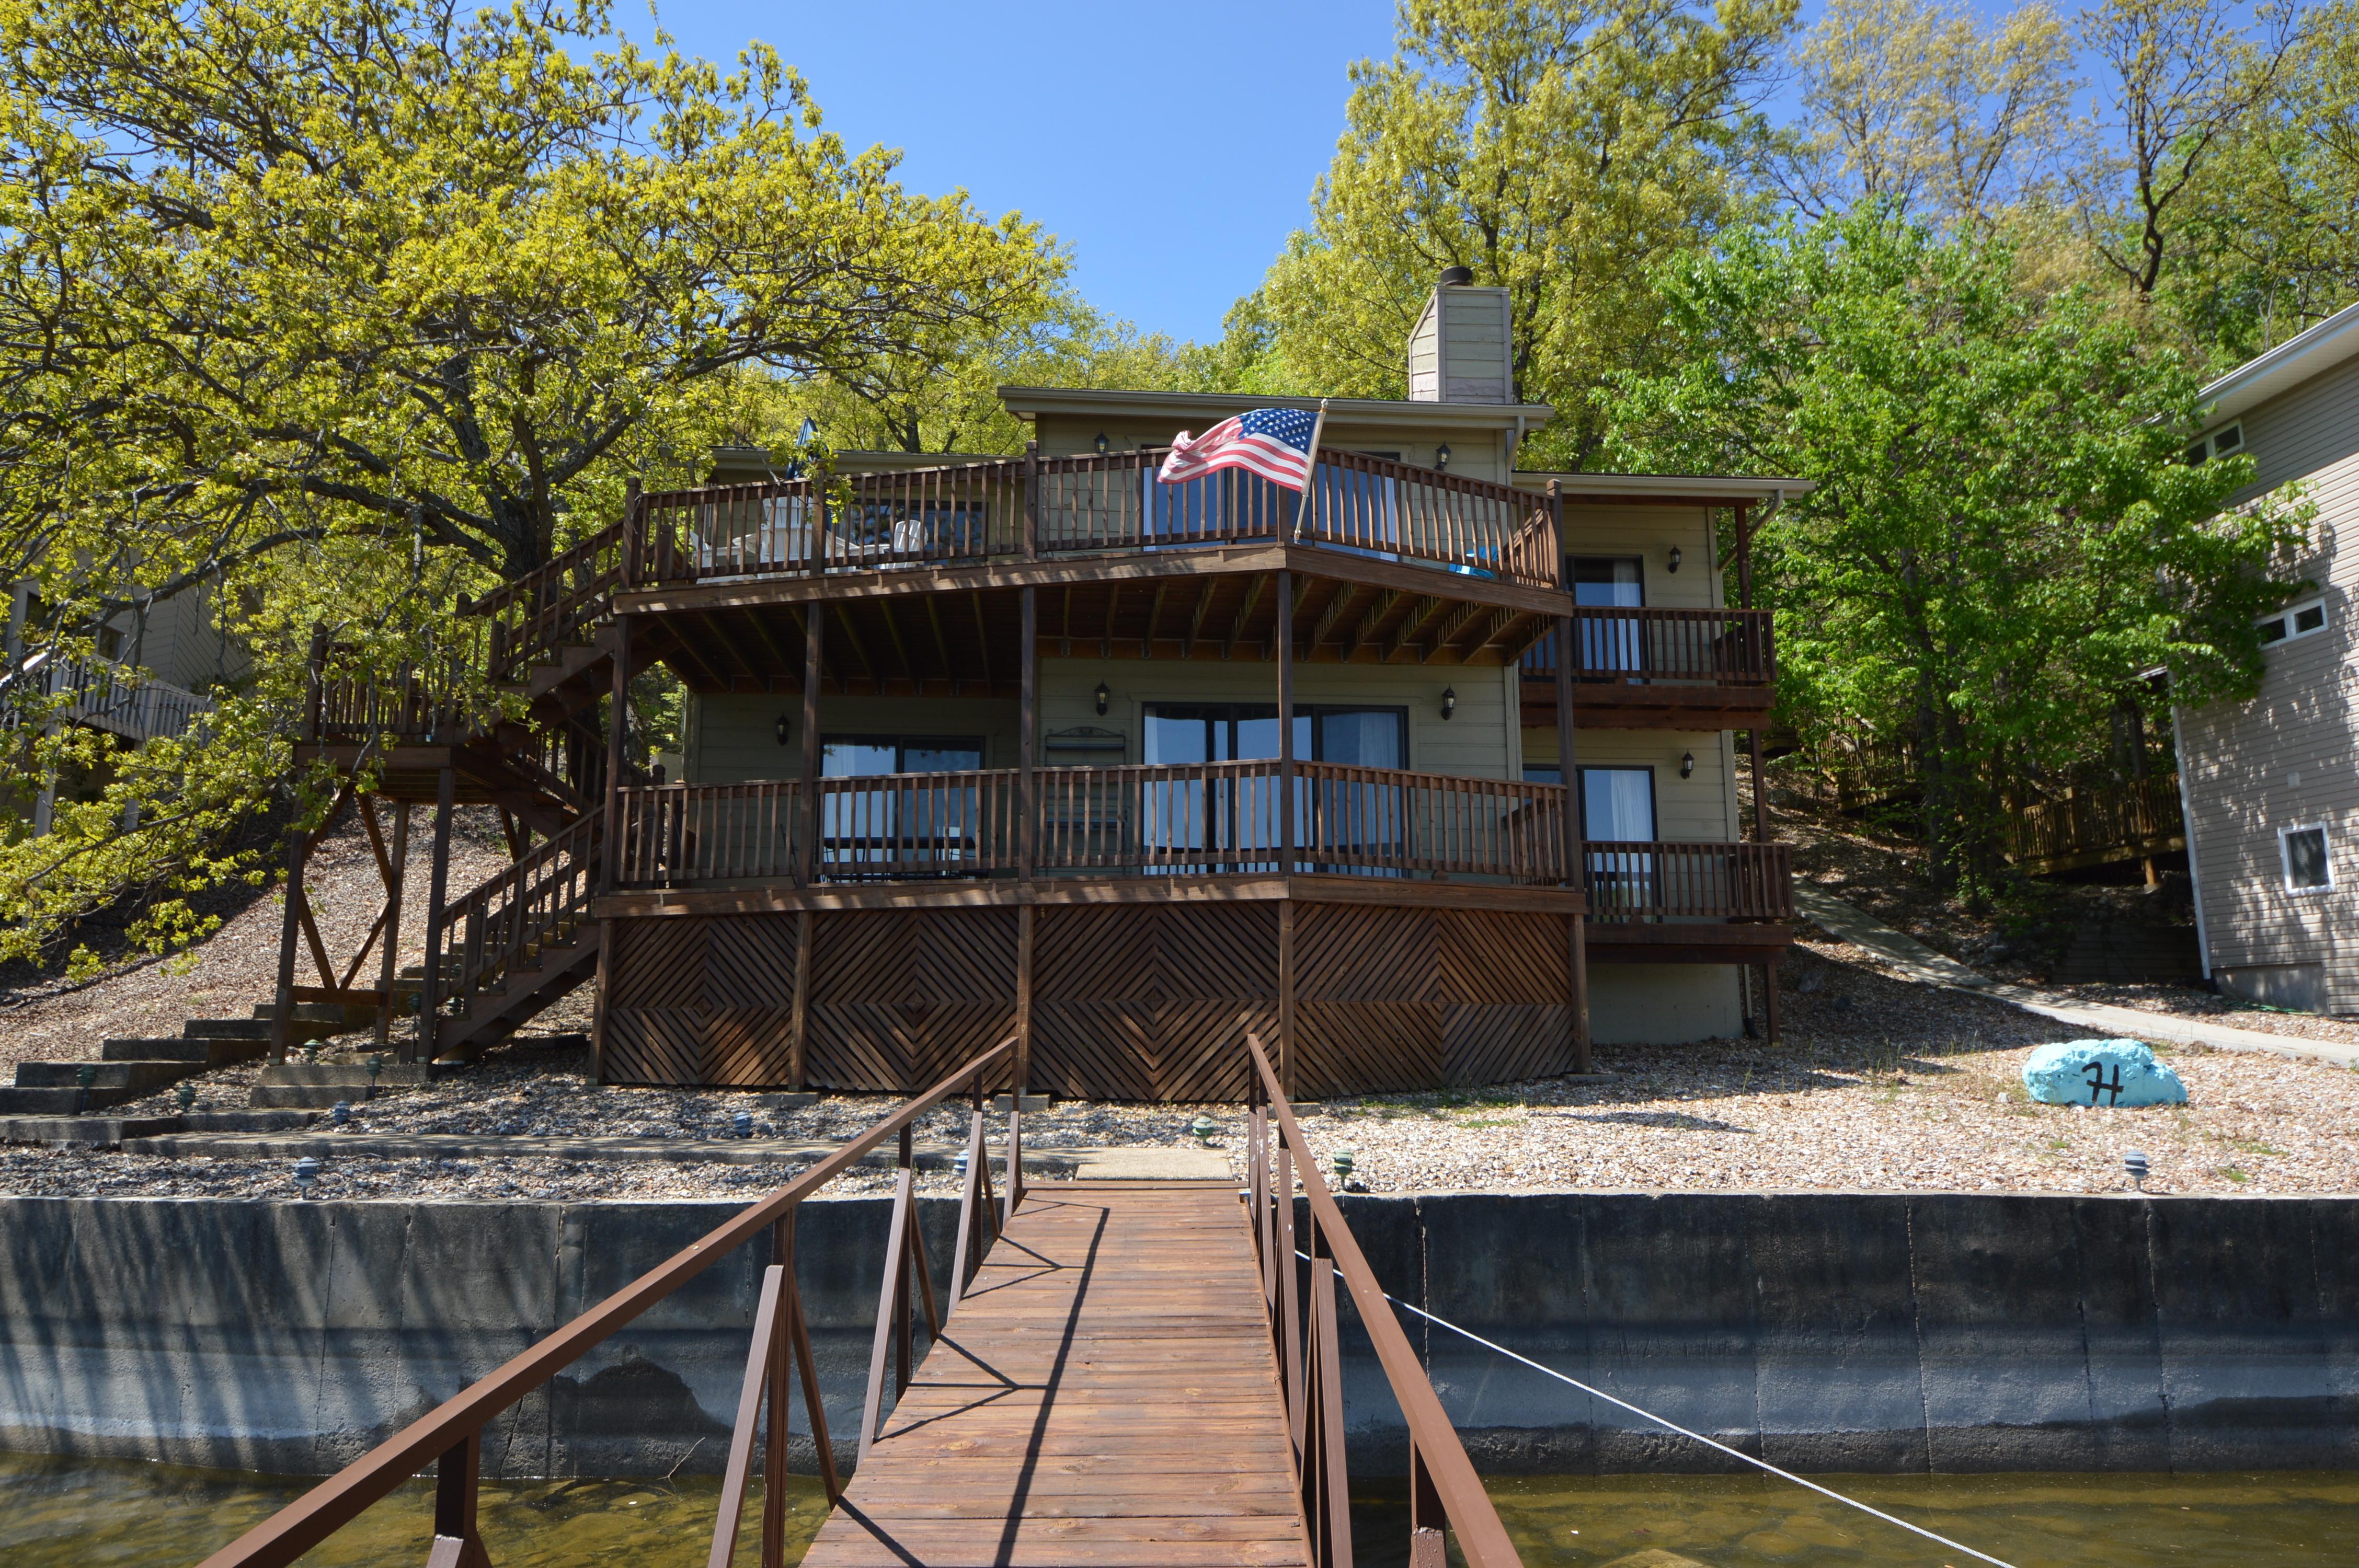 Real Estate At The Lake